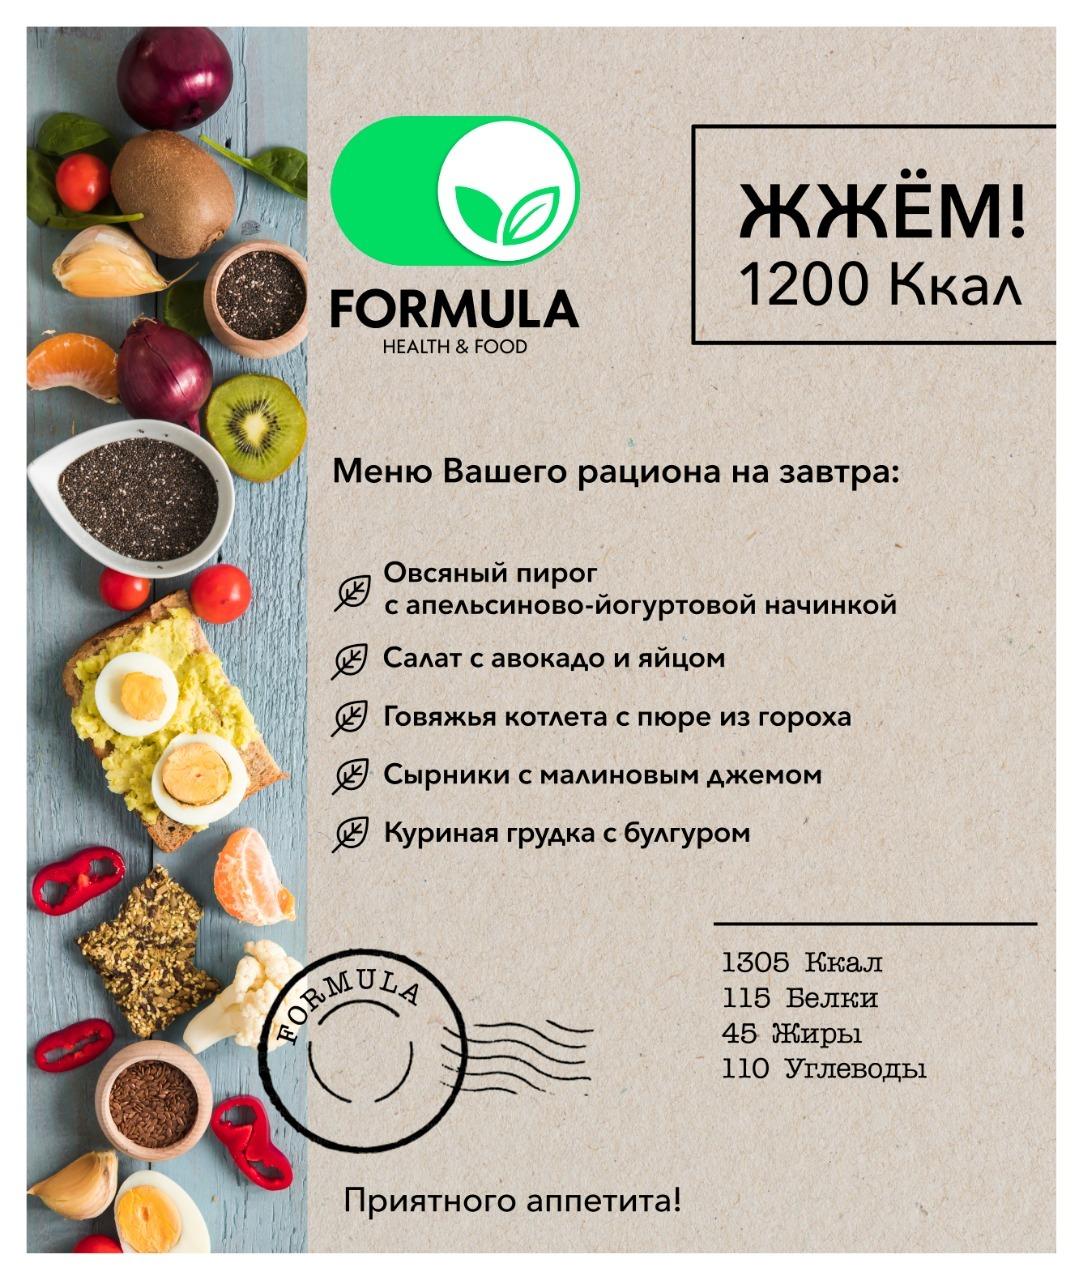 Рацион Для Похудения 1200. Недельный рацион диеты на 1200 калорий в день